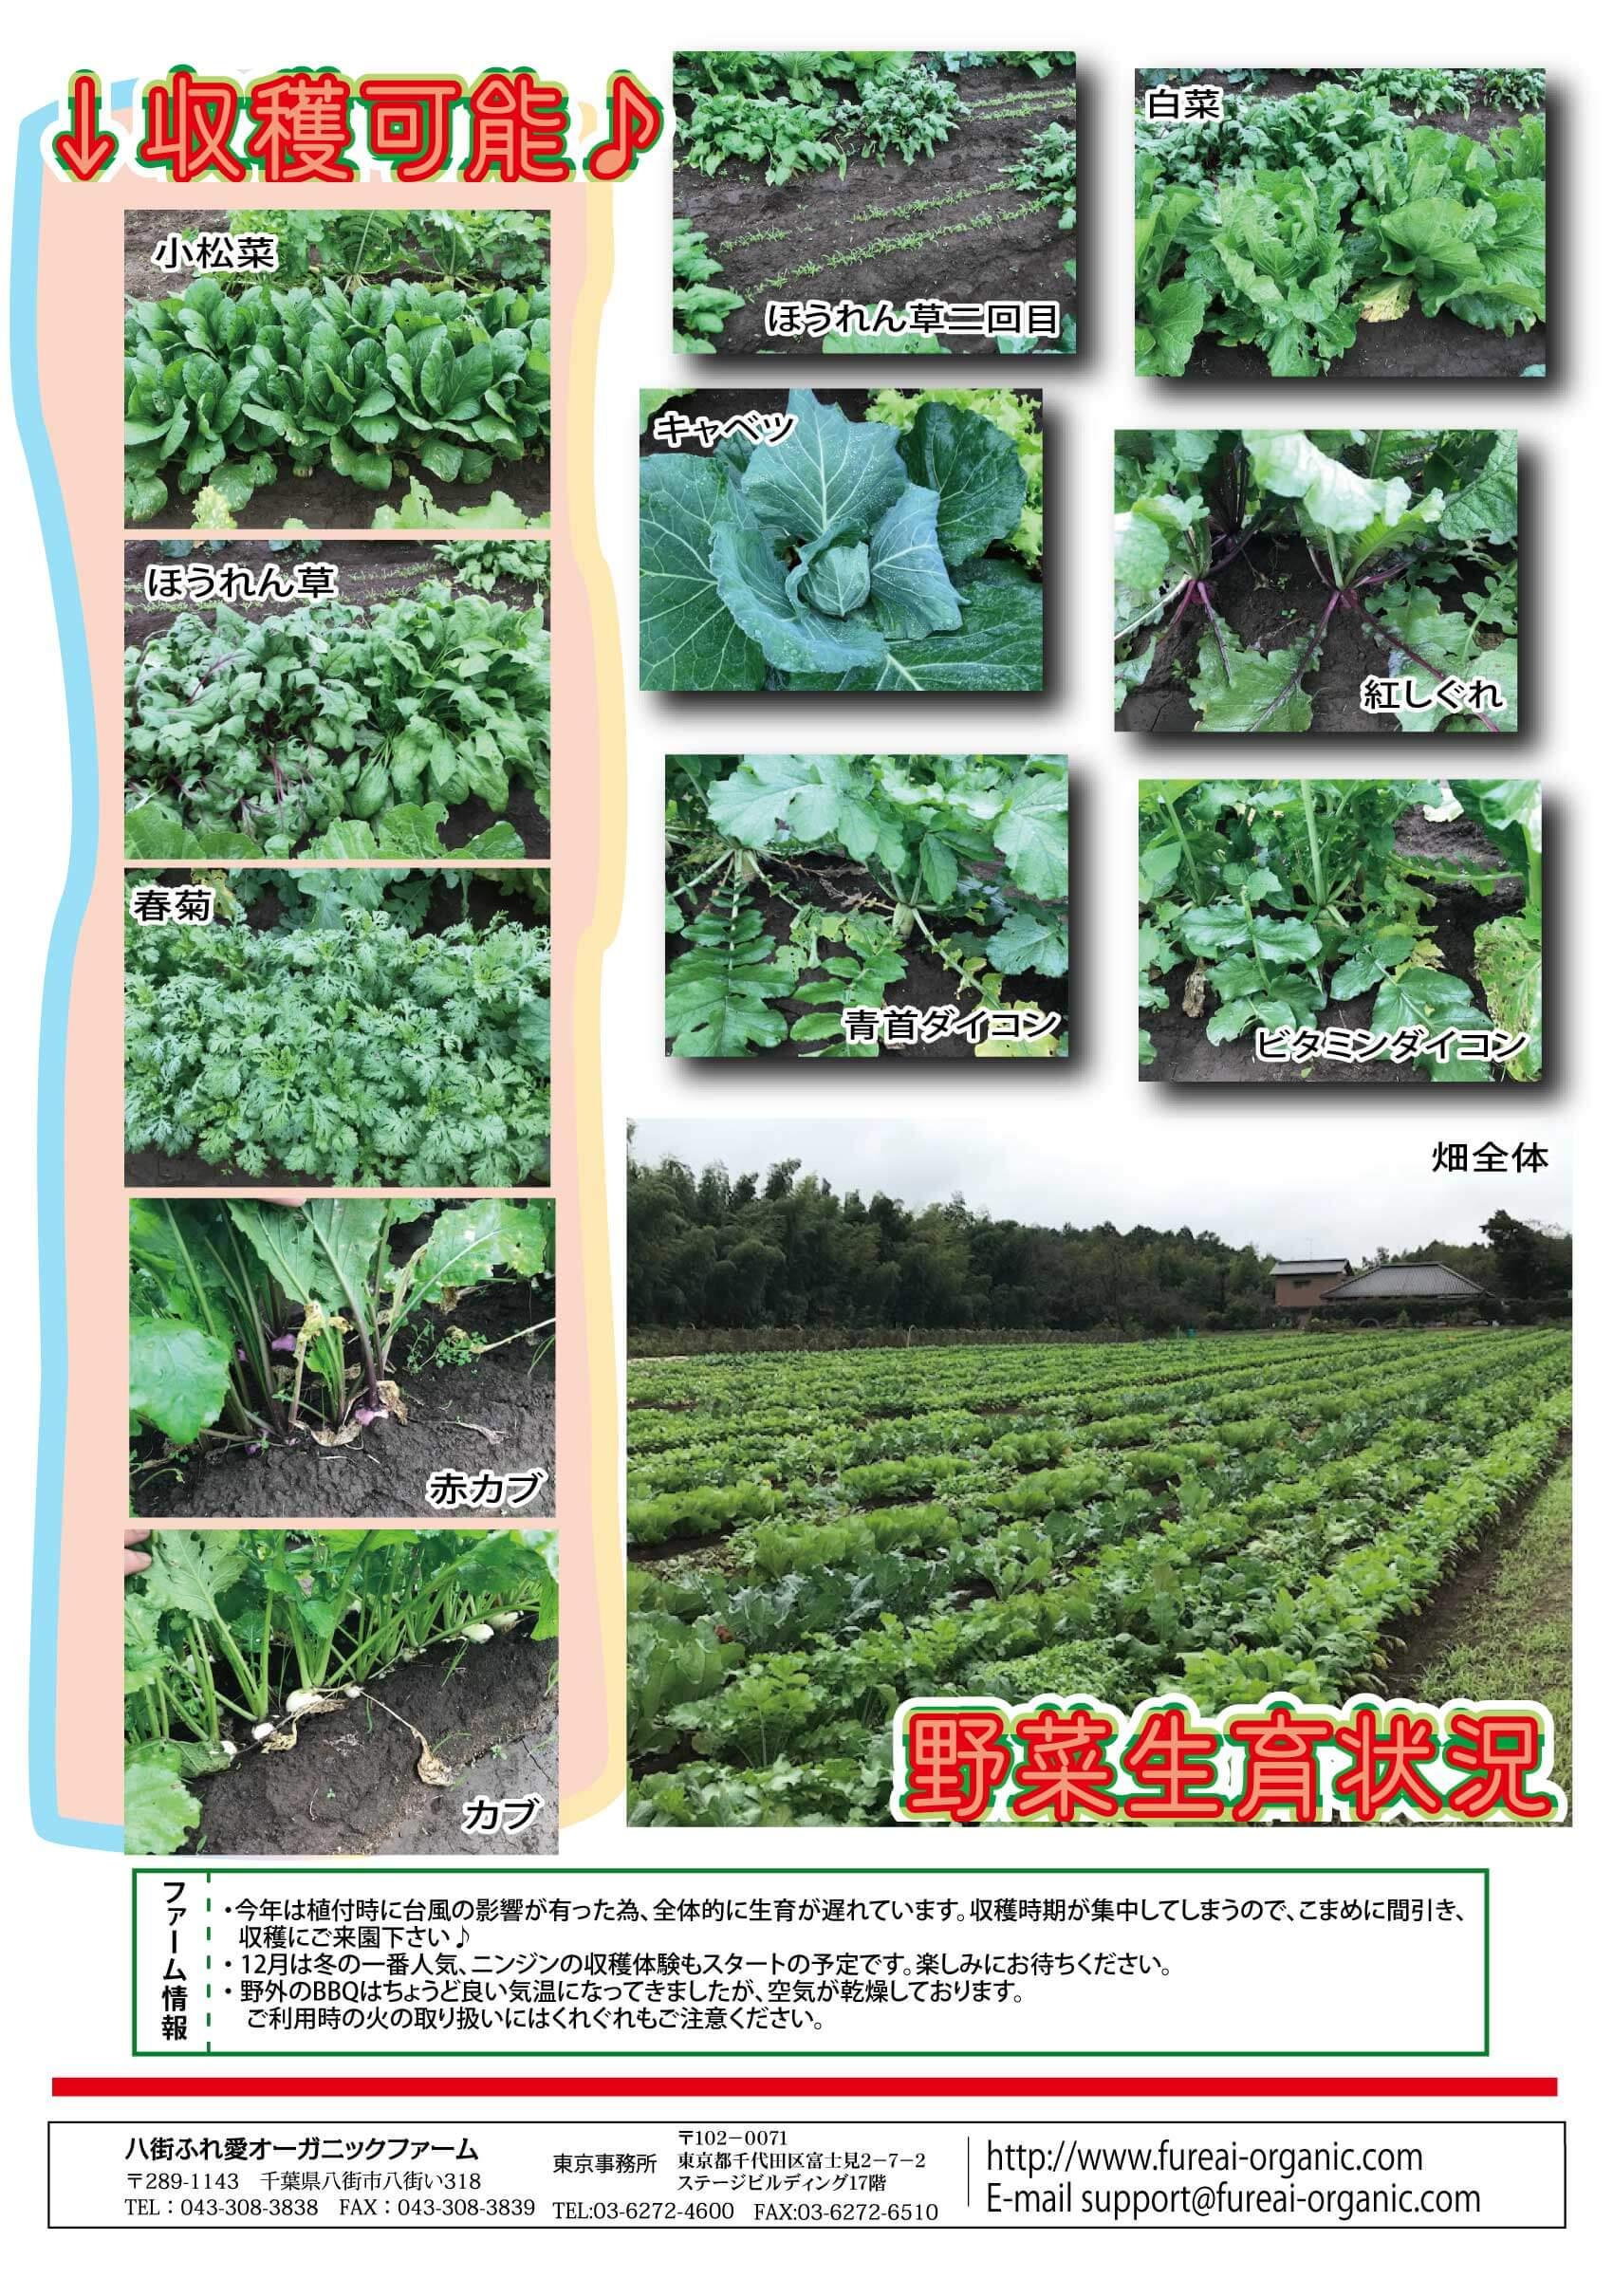 収穫可能 野菜生育状況